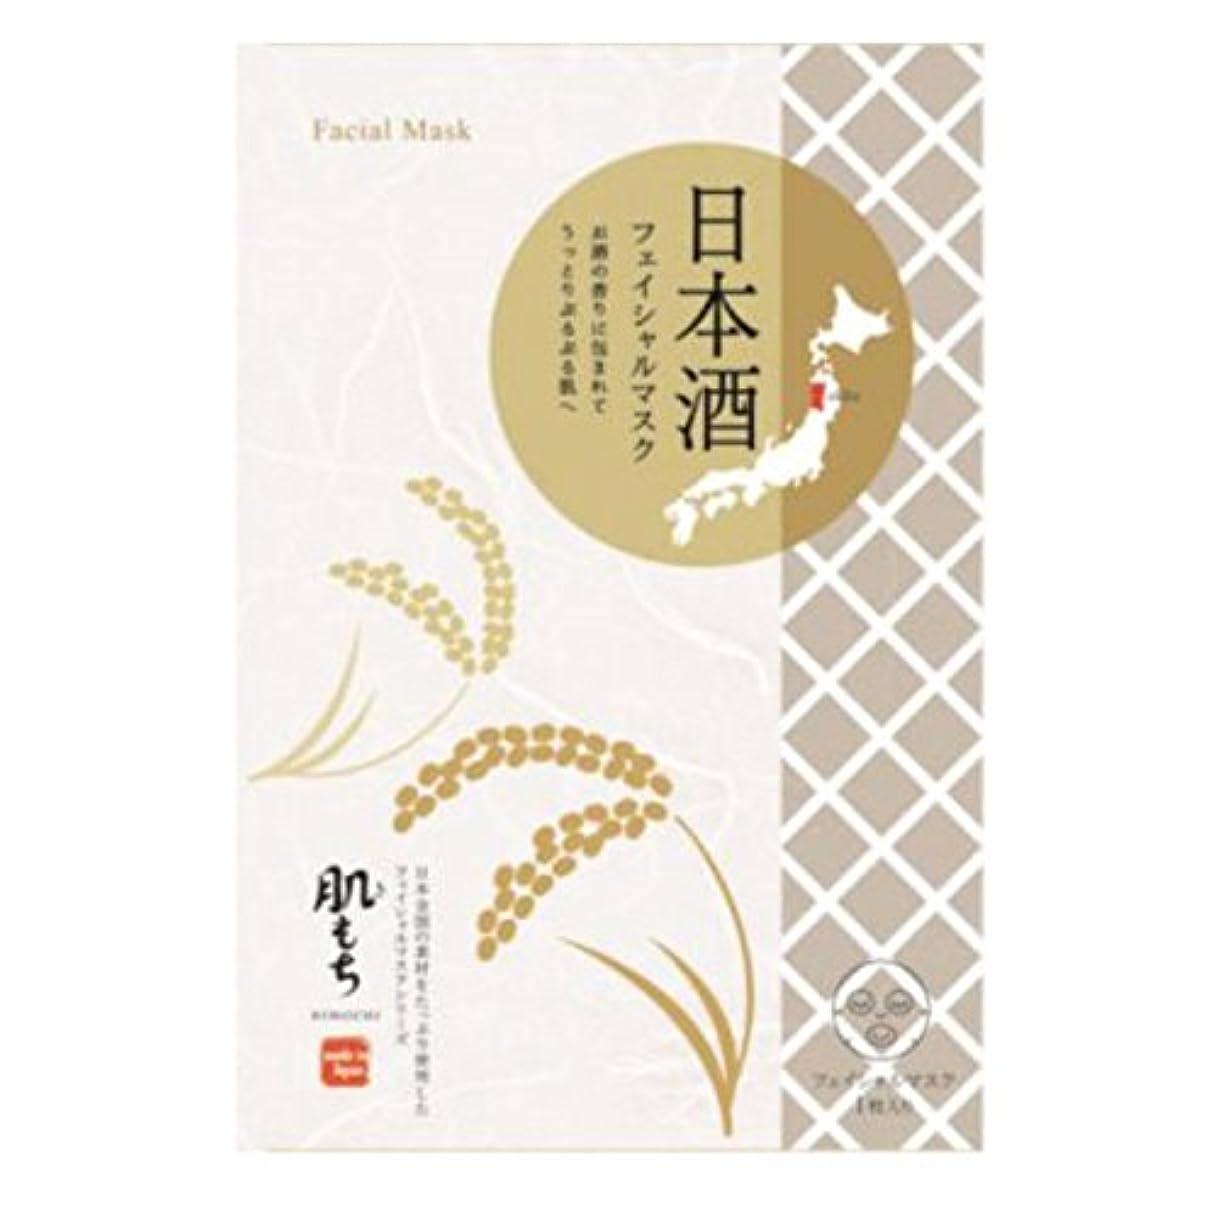 機械ぼかす着飾る肌もち(きもち) フェイシャルマスク 日本酒(1枚20ml) 5枚セット